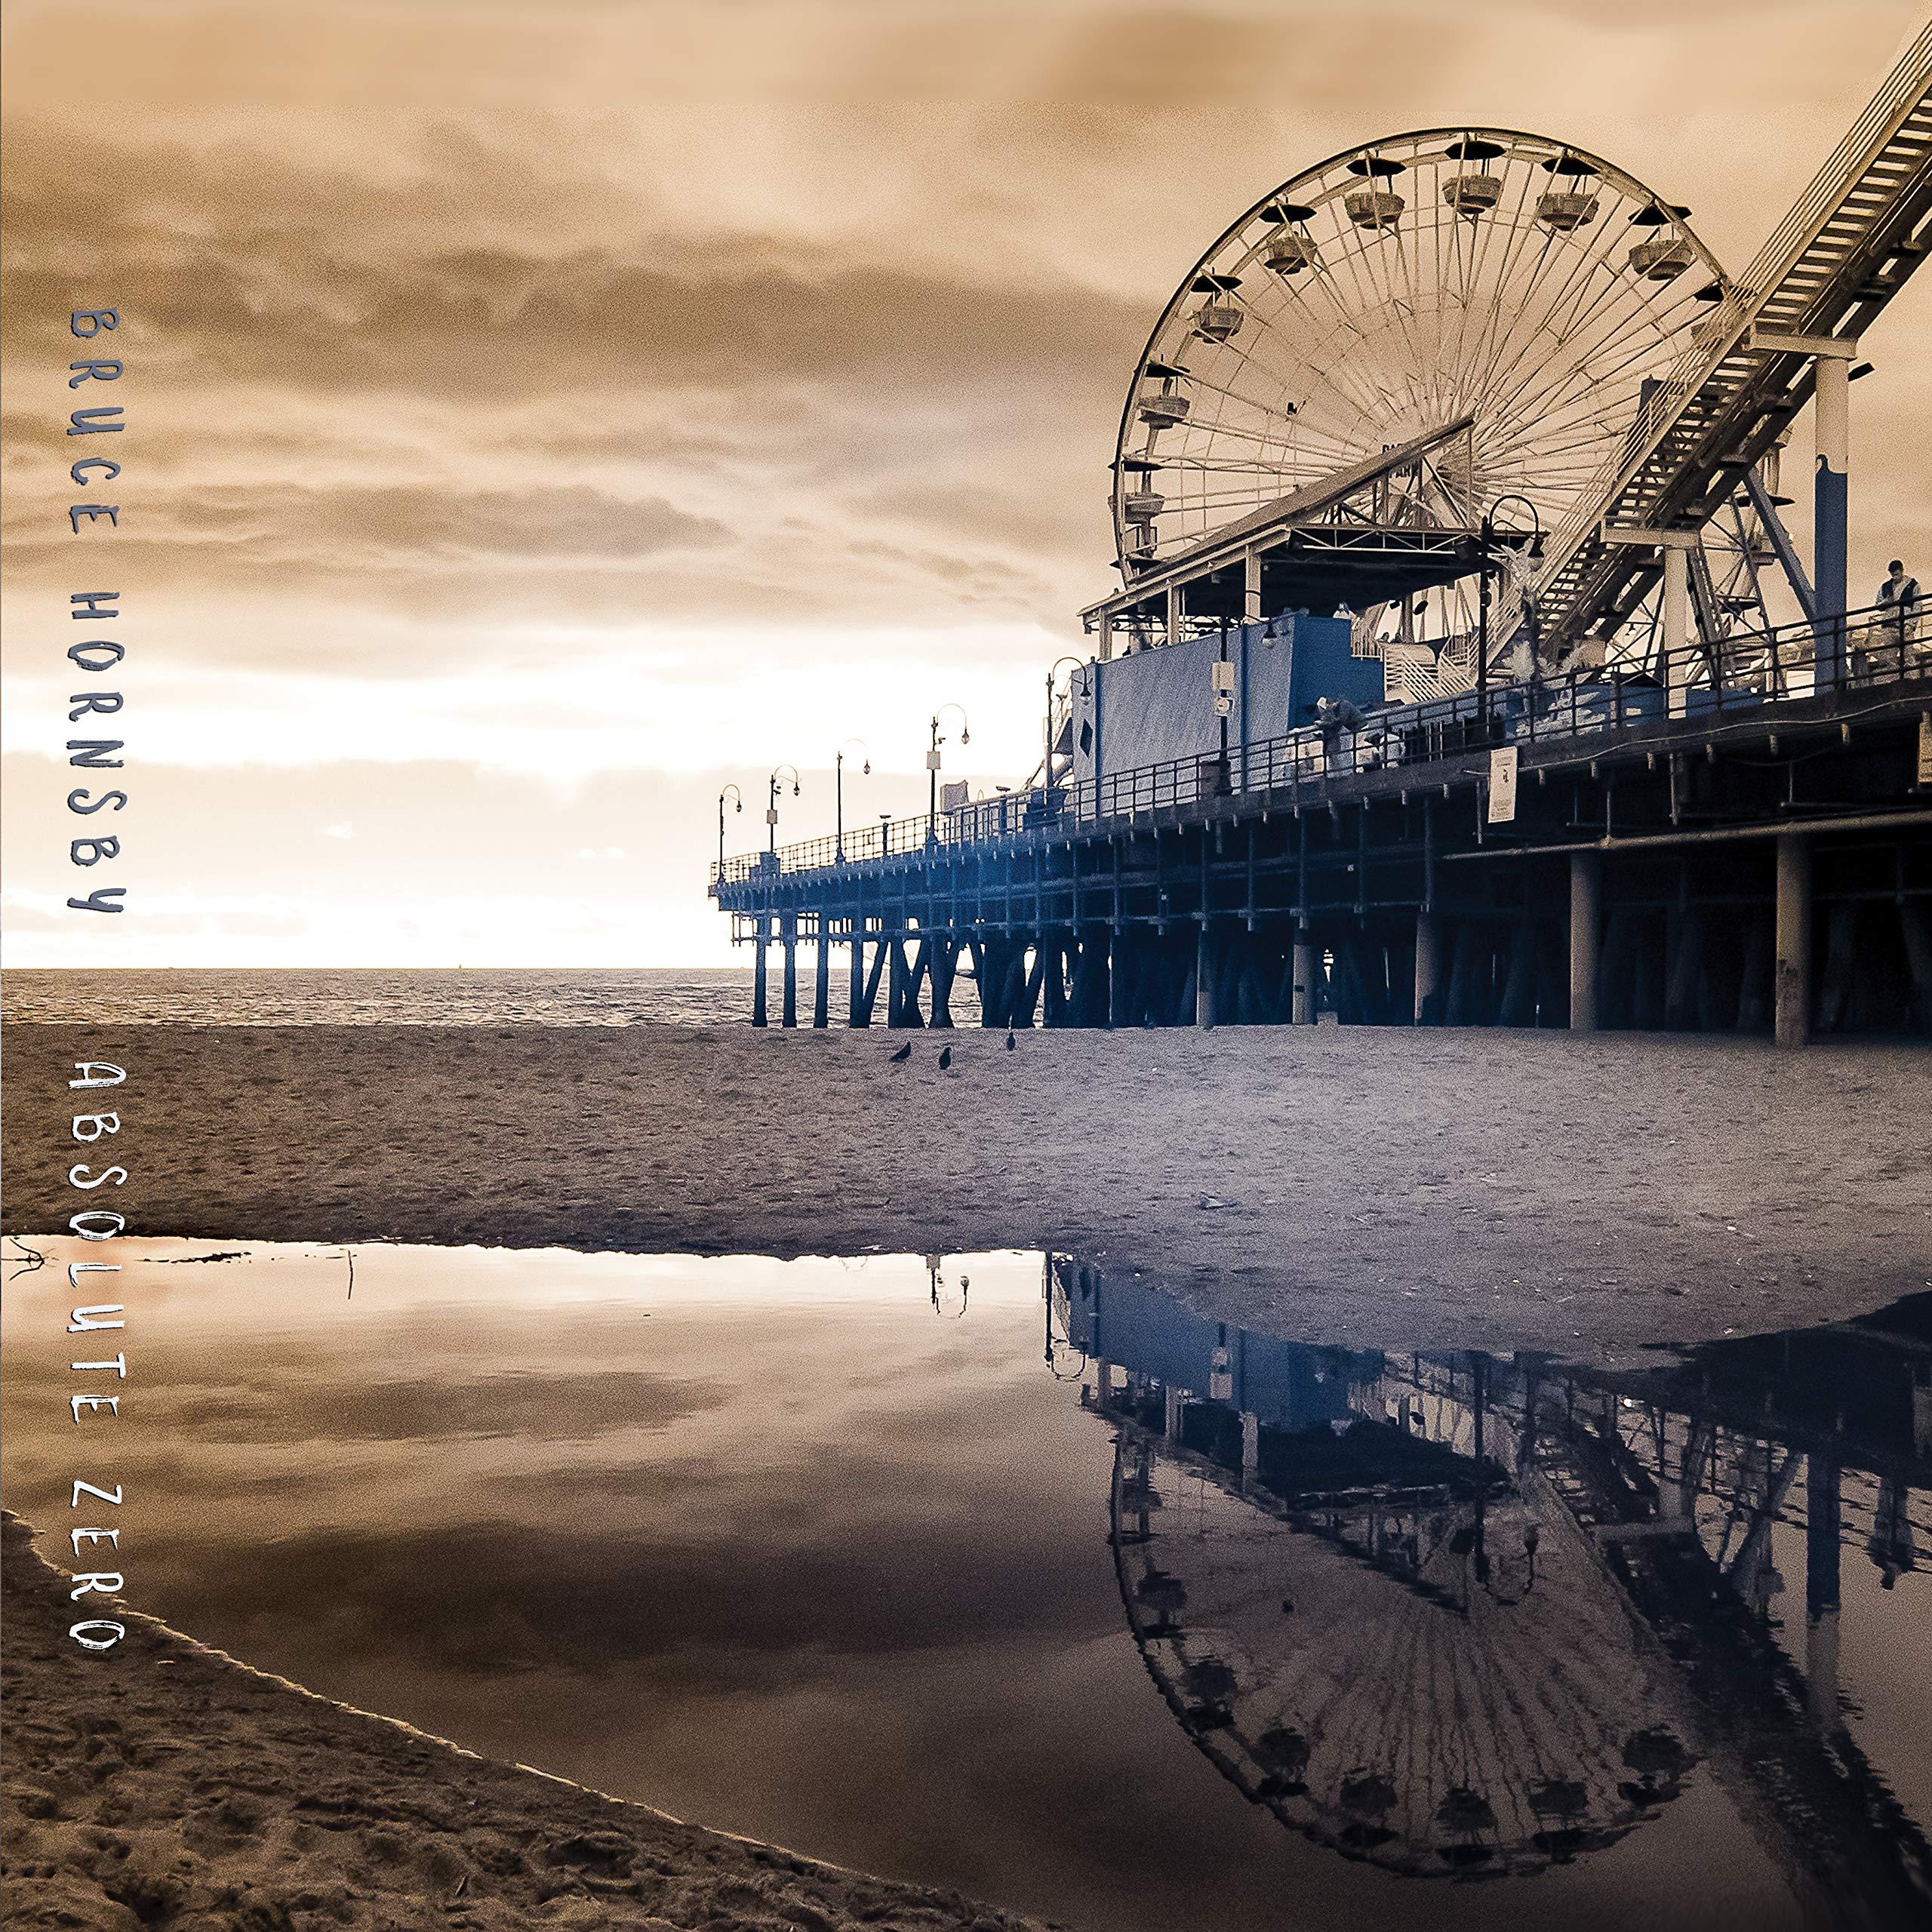 Vinilo : Bruce Hornsby - Absolute Zero (LP Vinyl)